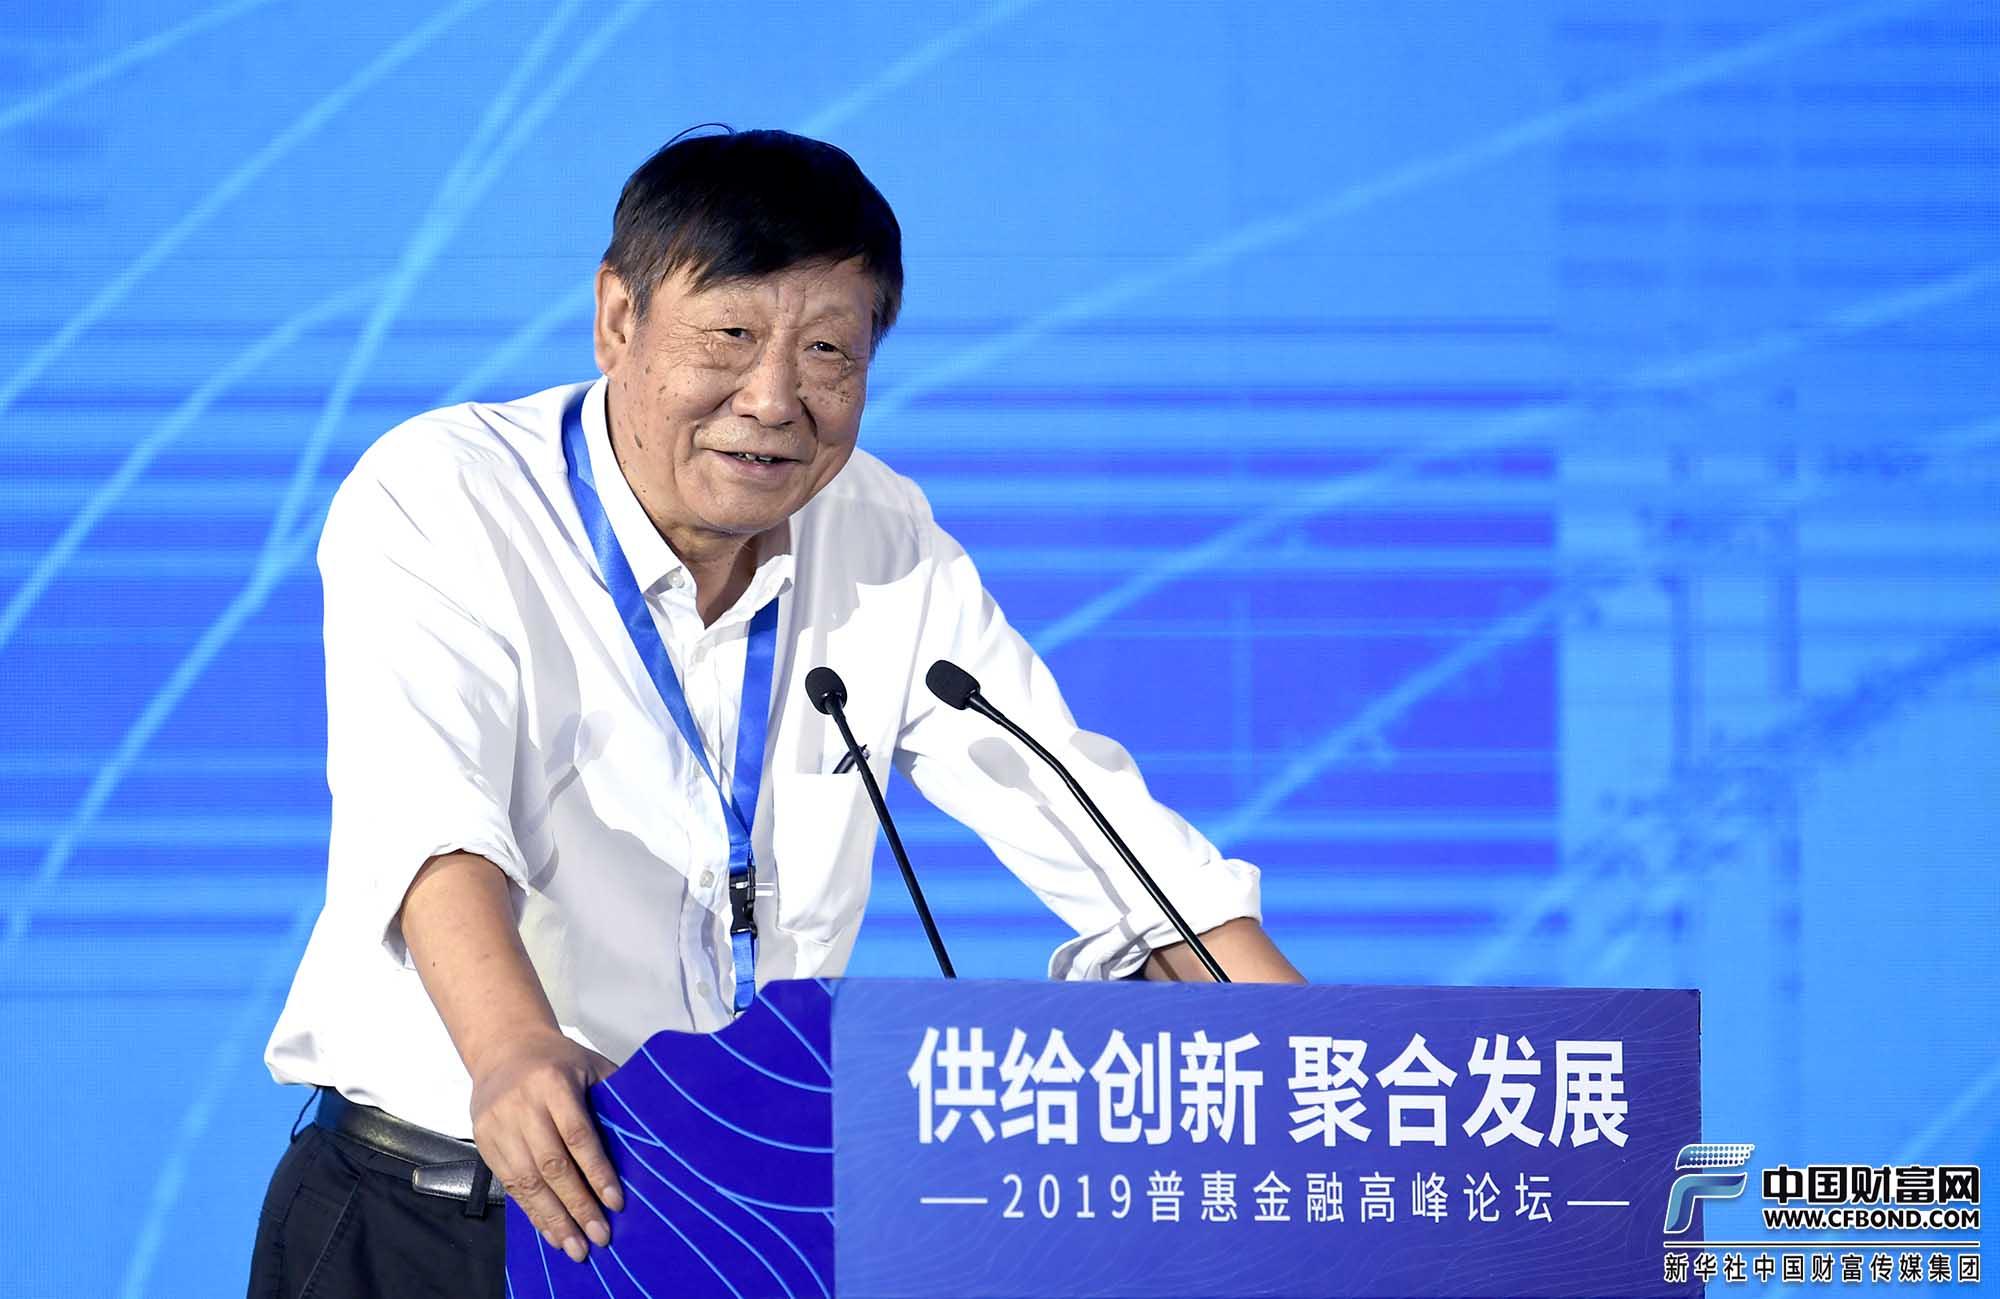 演讲嘉宾:中银国际研究公司董事长、经济学家曹远征